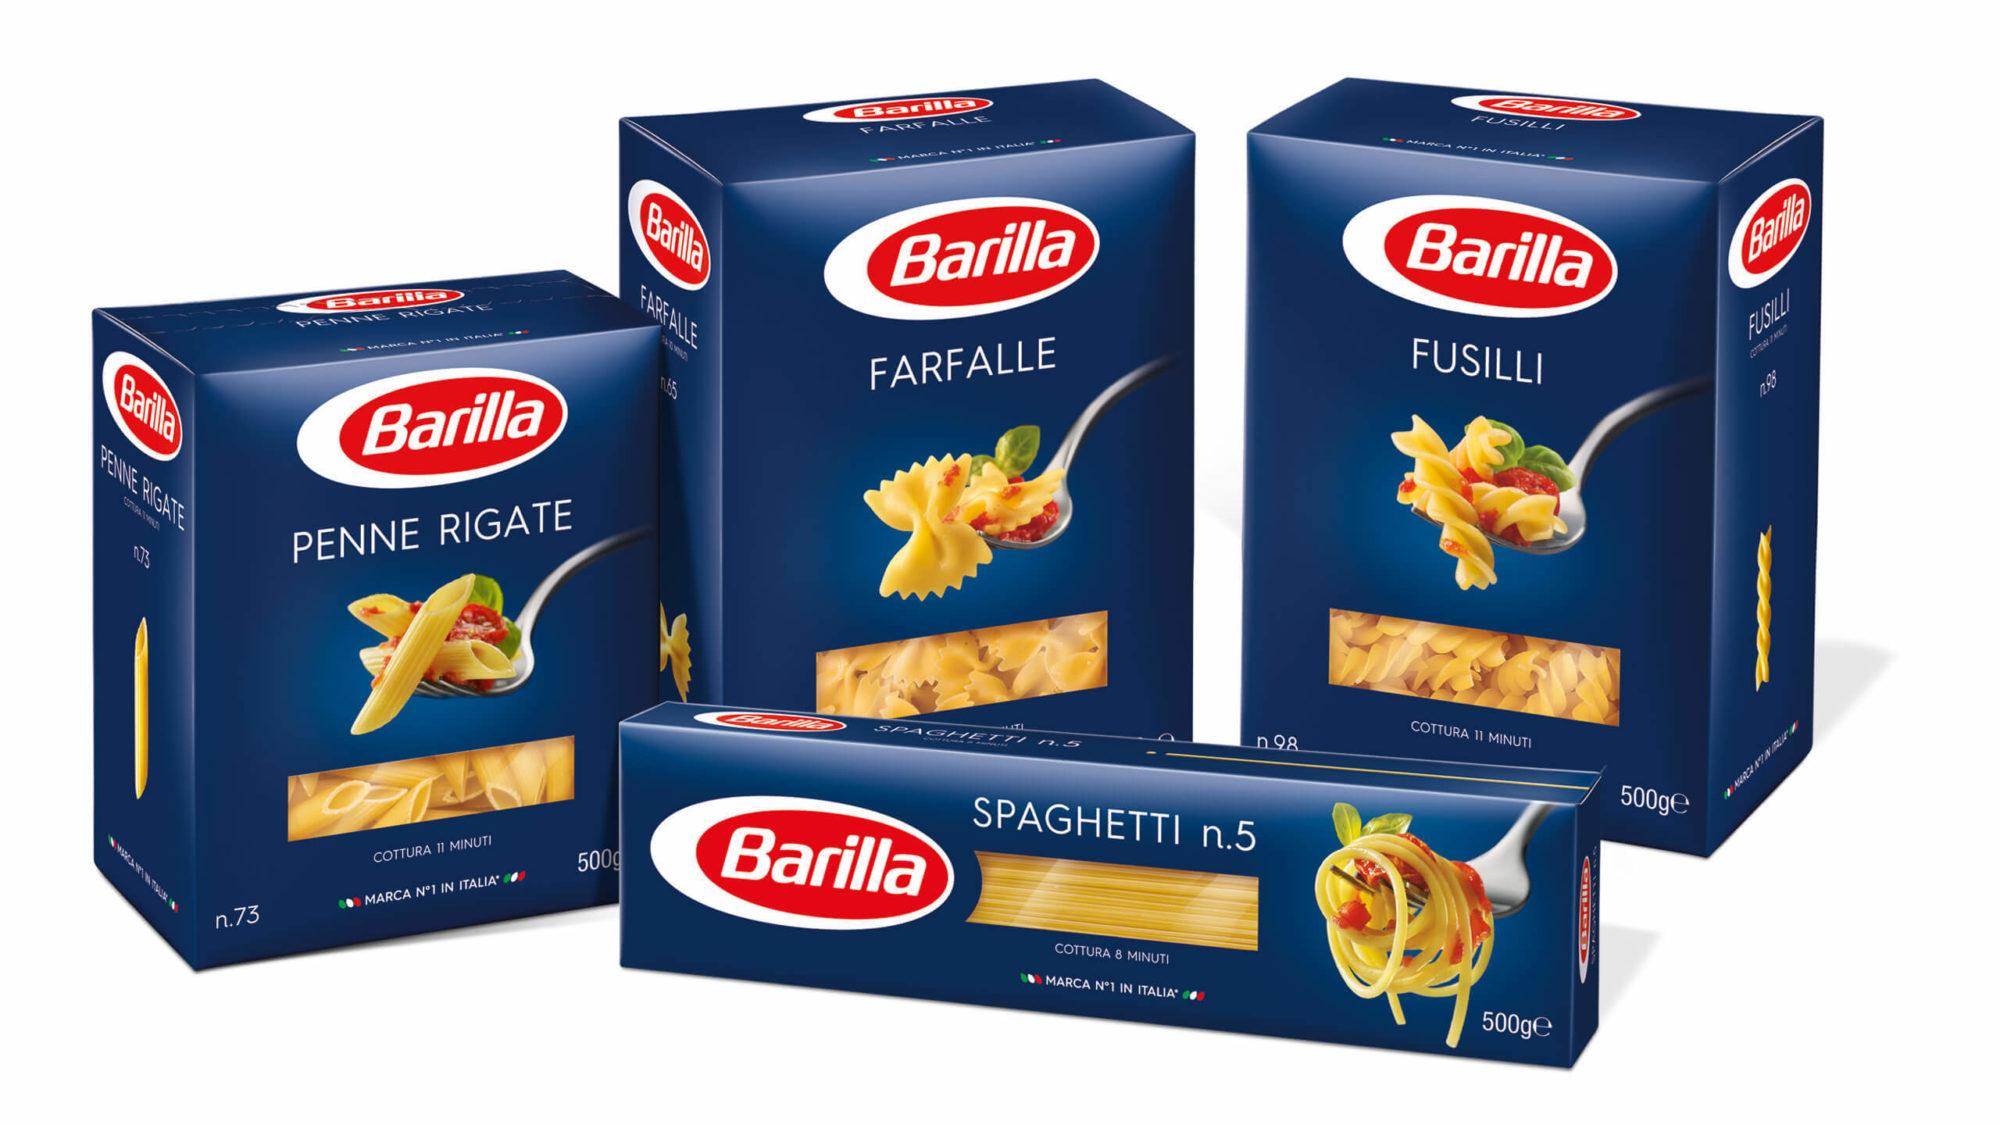 Barilla Nudeln verschiedene Sorten statt 1,59€ nur 0,75€ [Kaufland bundesweit]